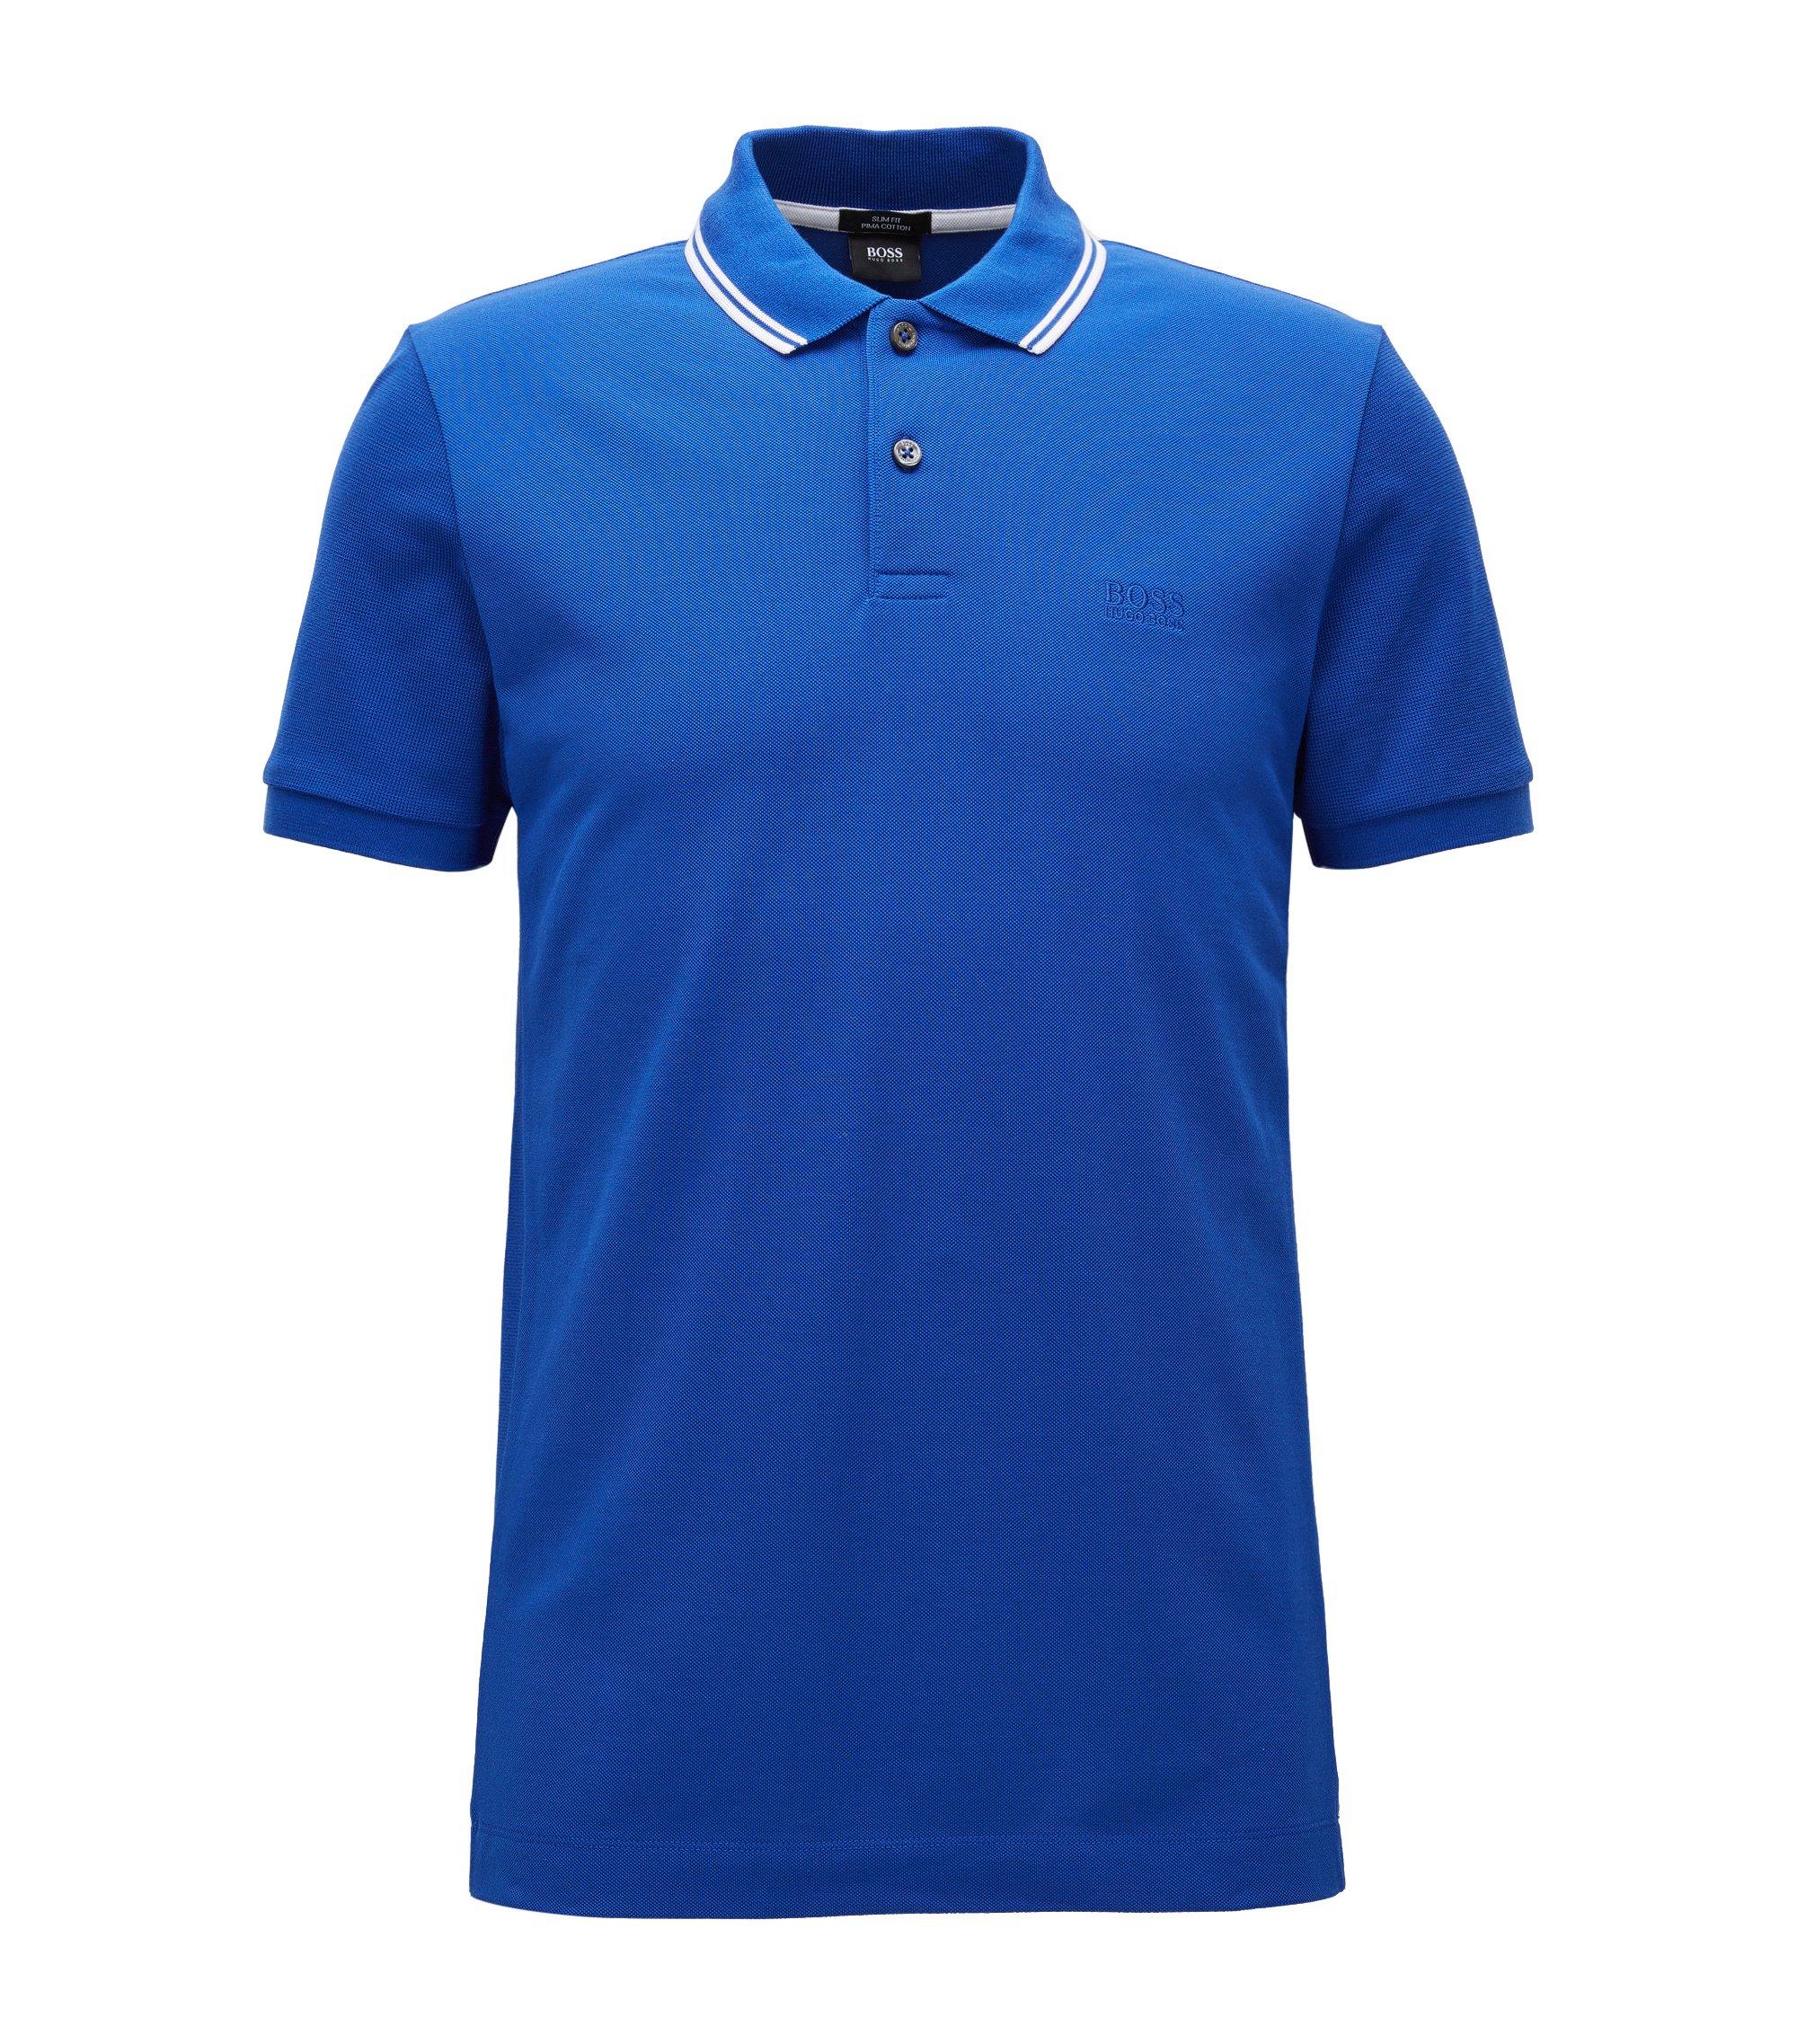 Polo Slim Fit en coton, rehaussé de détails en maille, Bleu